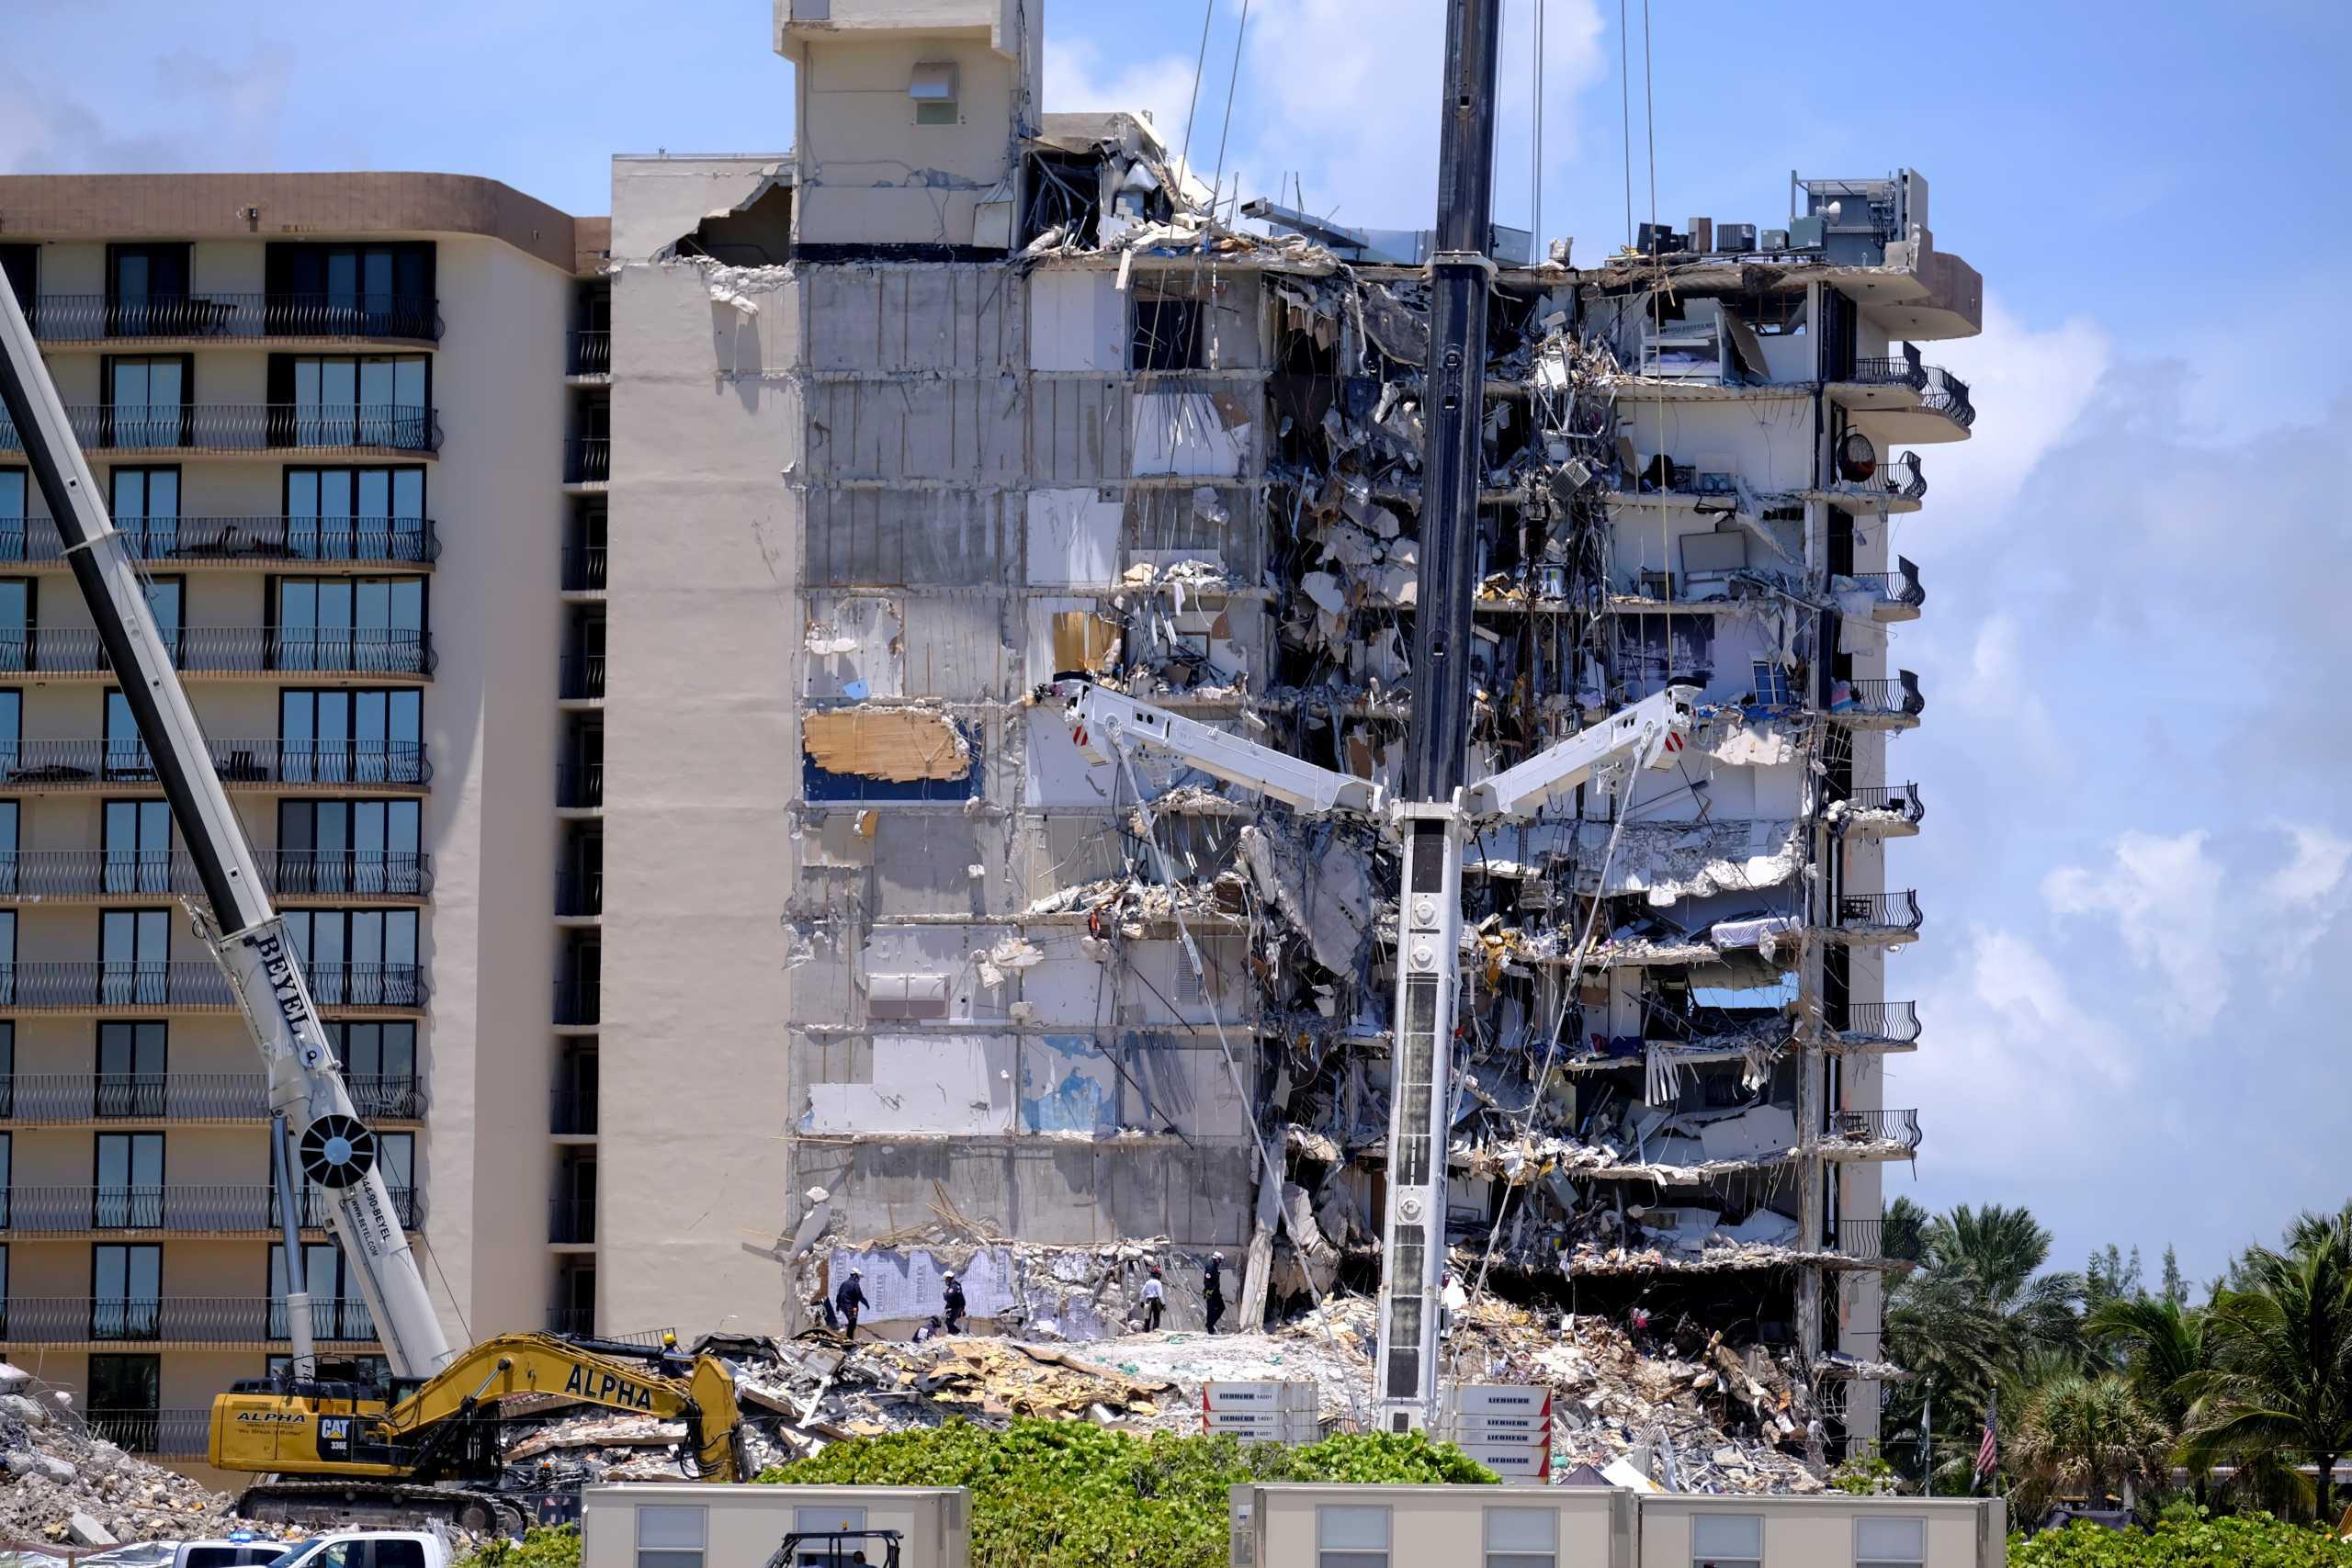 Μαϊάμι: 10 οι νεκροί από την κατάρρευση του κτιρίου – Αγνοούμενος ο Έλληνας – Υπήρχαν προειδοποιήσεις